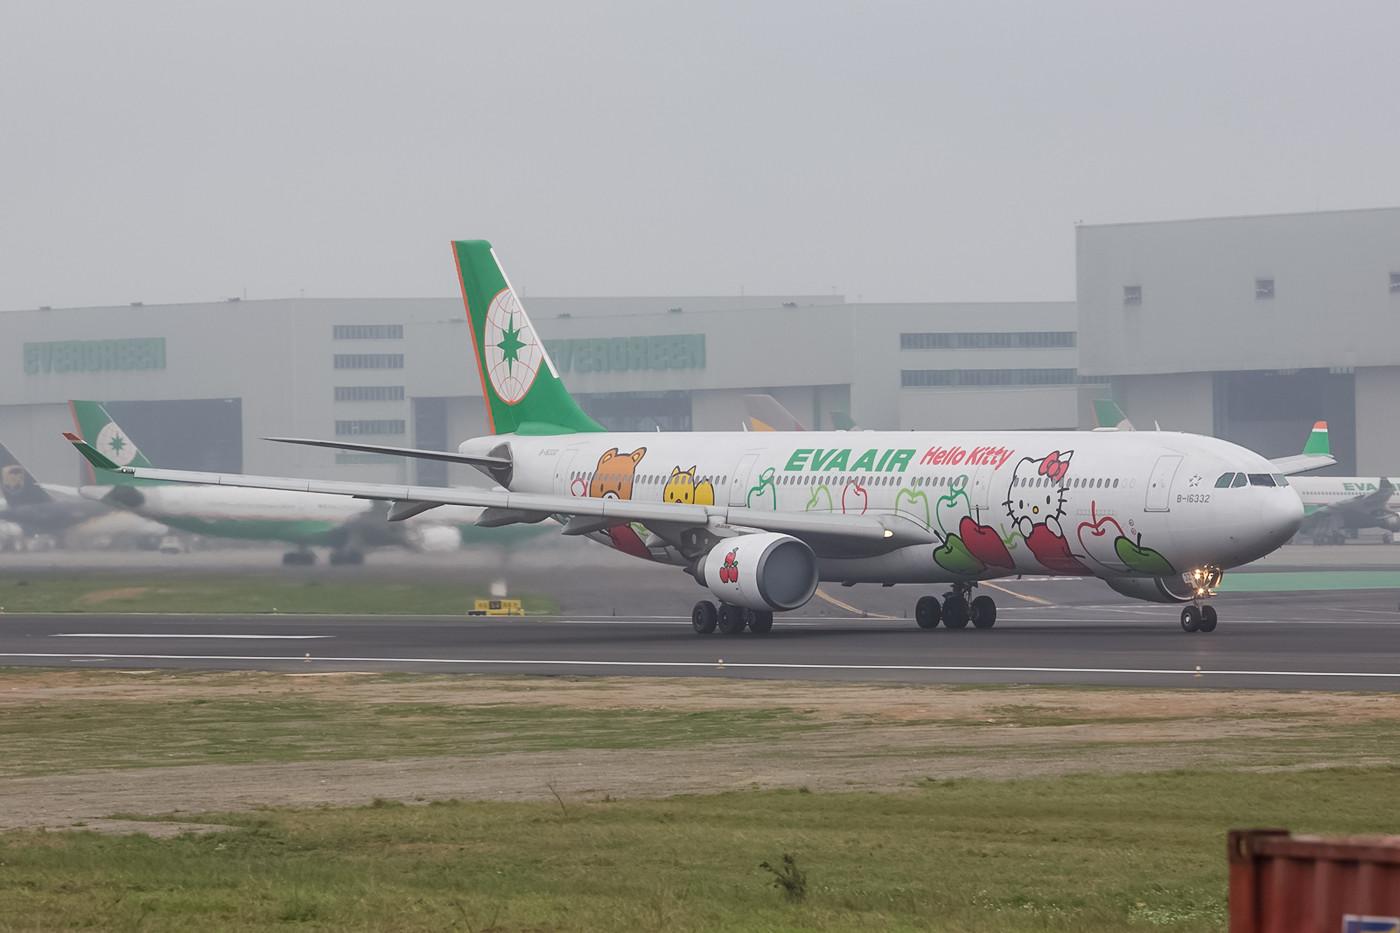 Hello Kitty Motive sind in Taiwan und den umliegenden Ländern sehr populär. Insgesamt sechs Maschinen der Eva Airways haben entsprechende Motive und kommen vorwiegend innerhalb Asiens zum Einsatz.